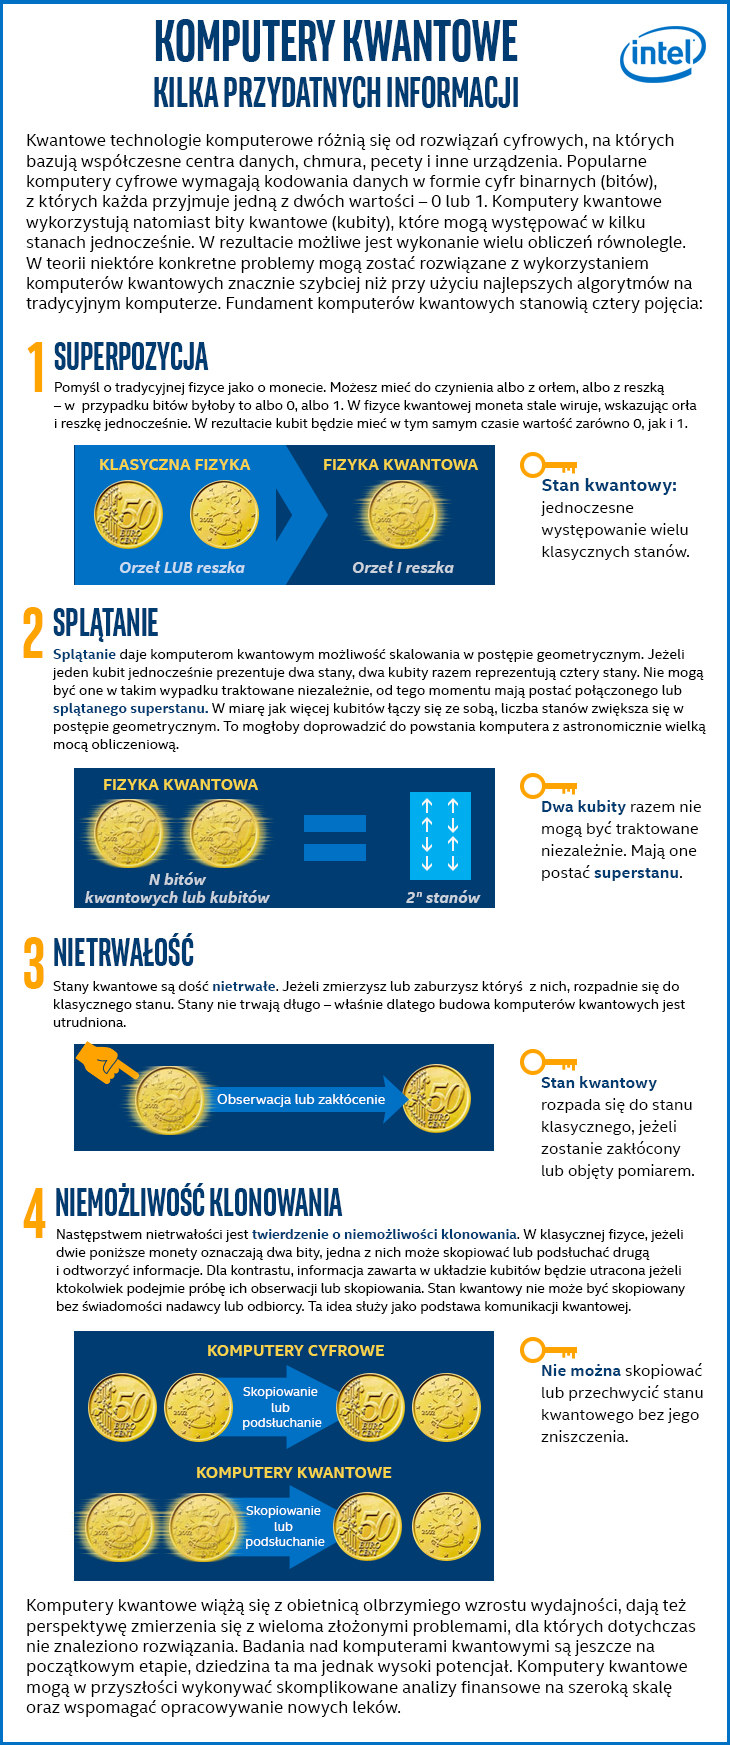 Infografika prezentująca kilka ciekawostek dotyczących komputerów kwantowych /materiały prasowe